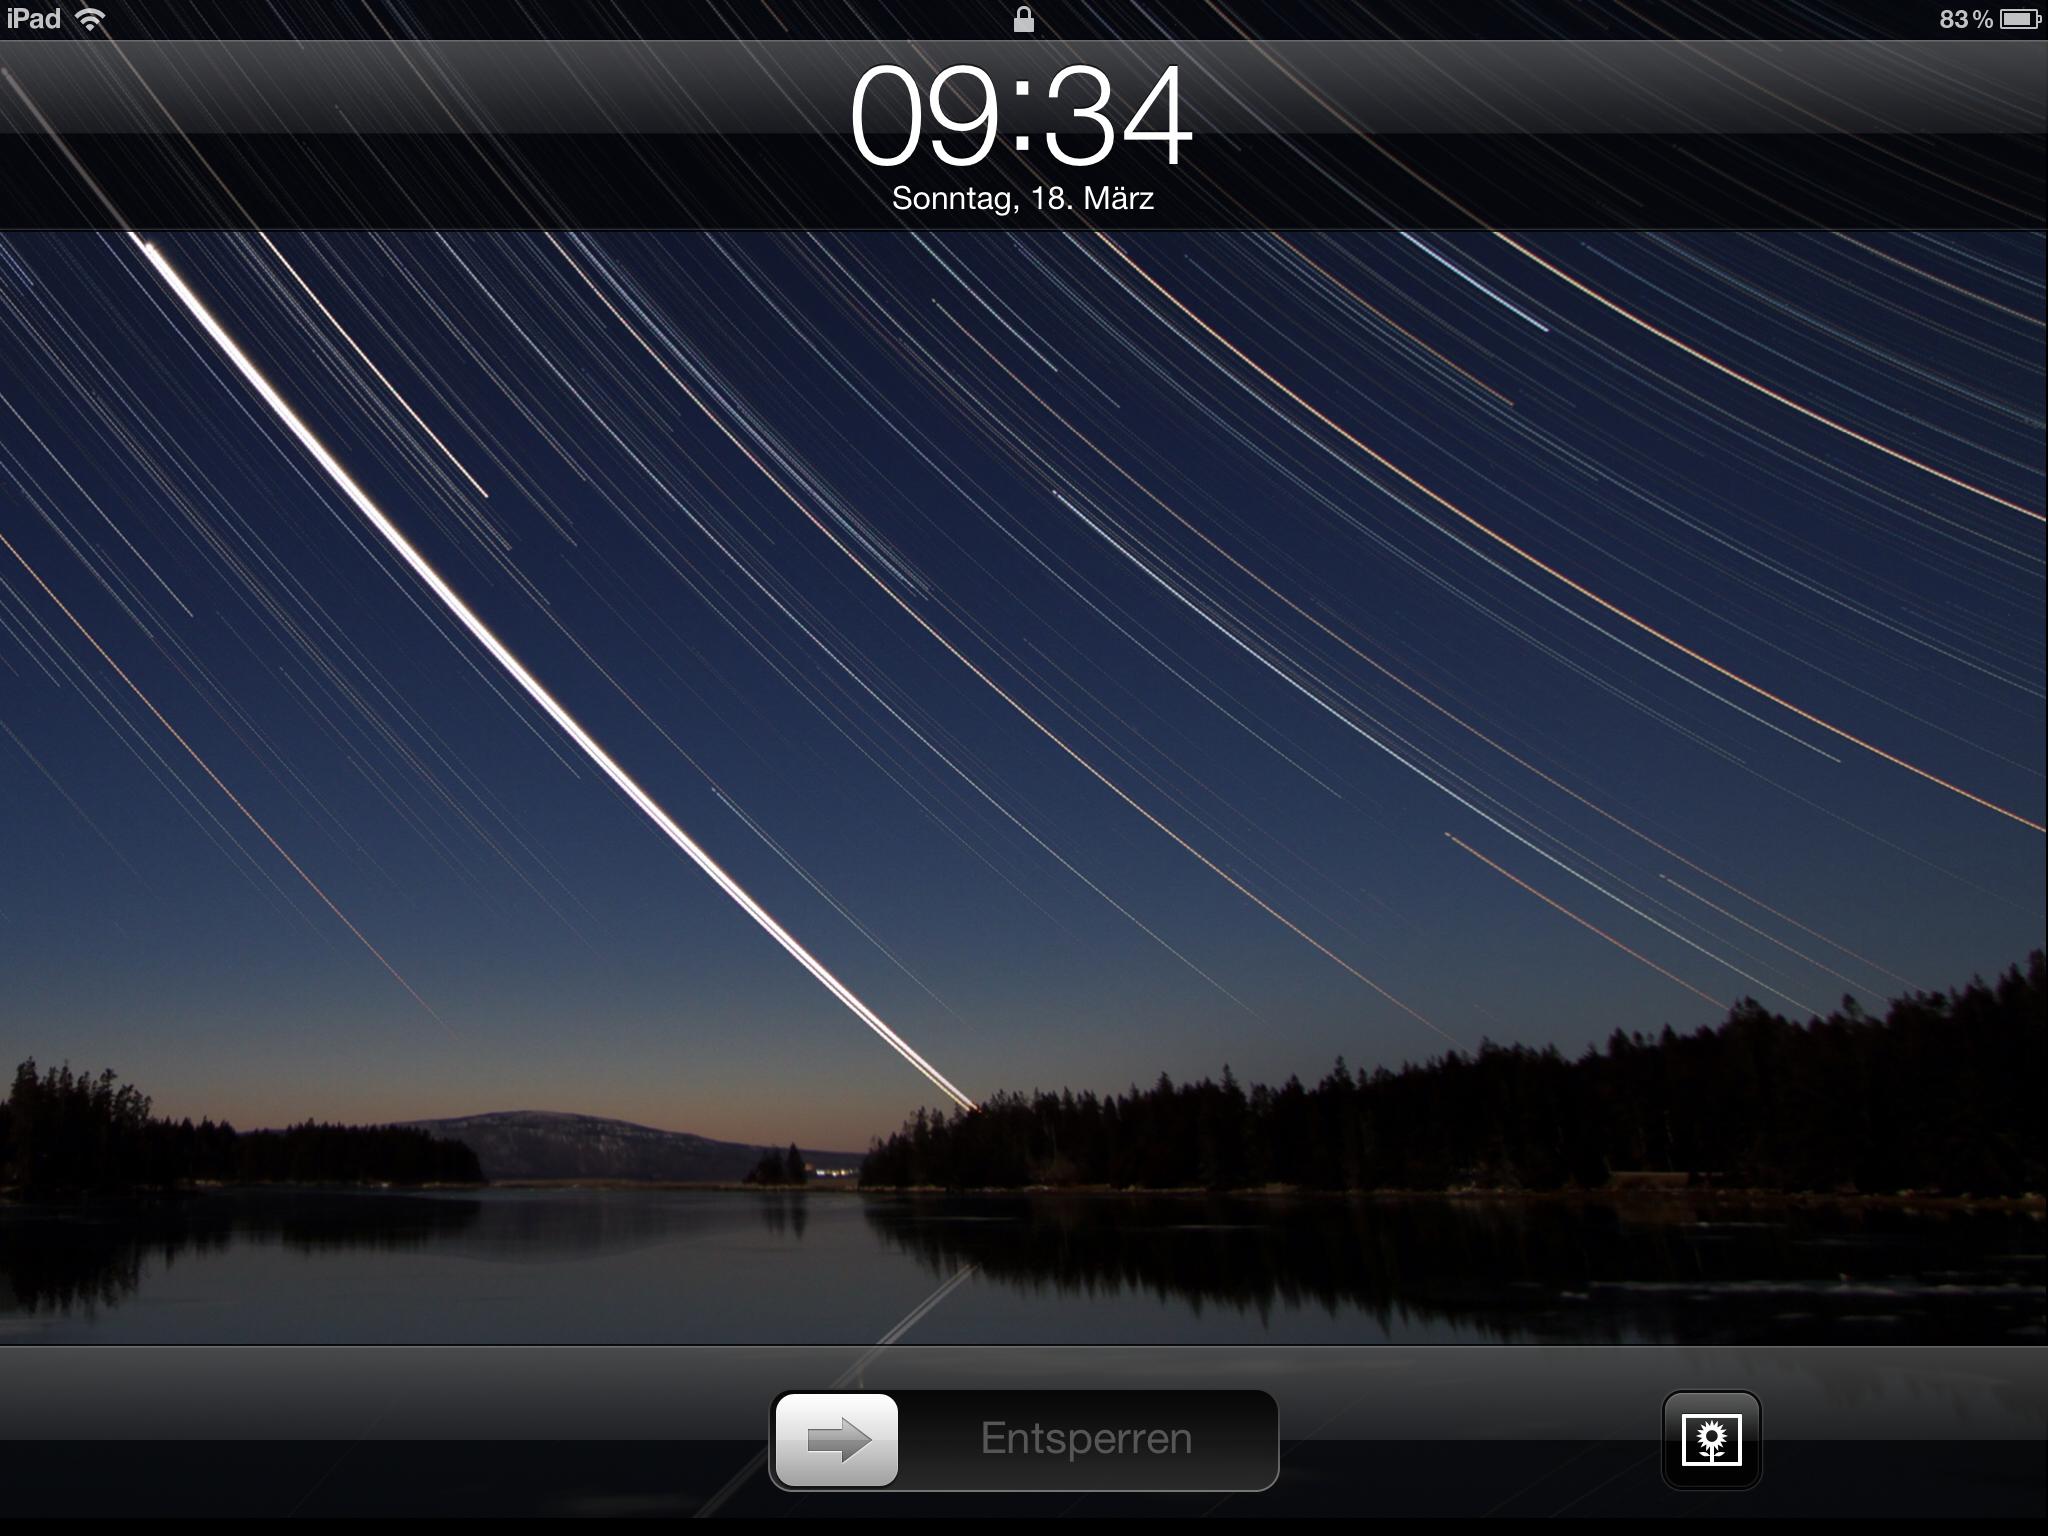 iPad 3 Wallpaper Stars